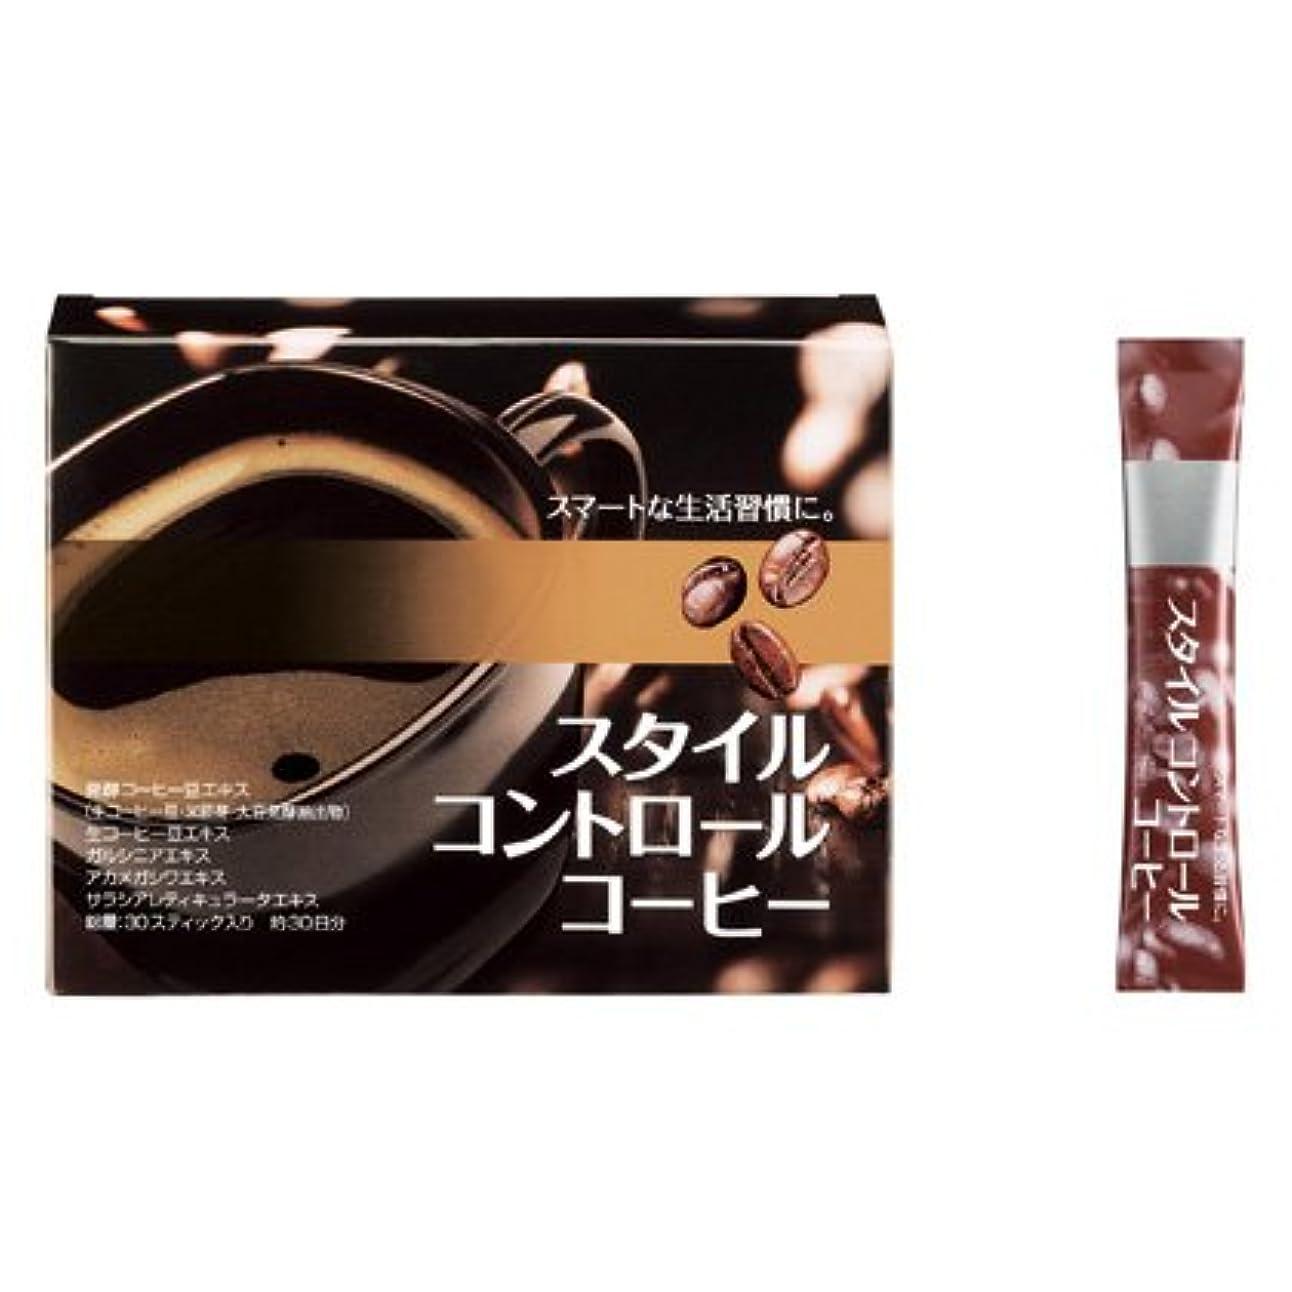 ジェムボックスグリースエイボン ライフ ダイエットコーヒー (2.9g×30スティック)